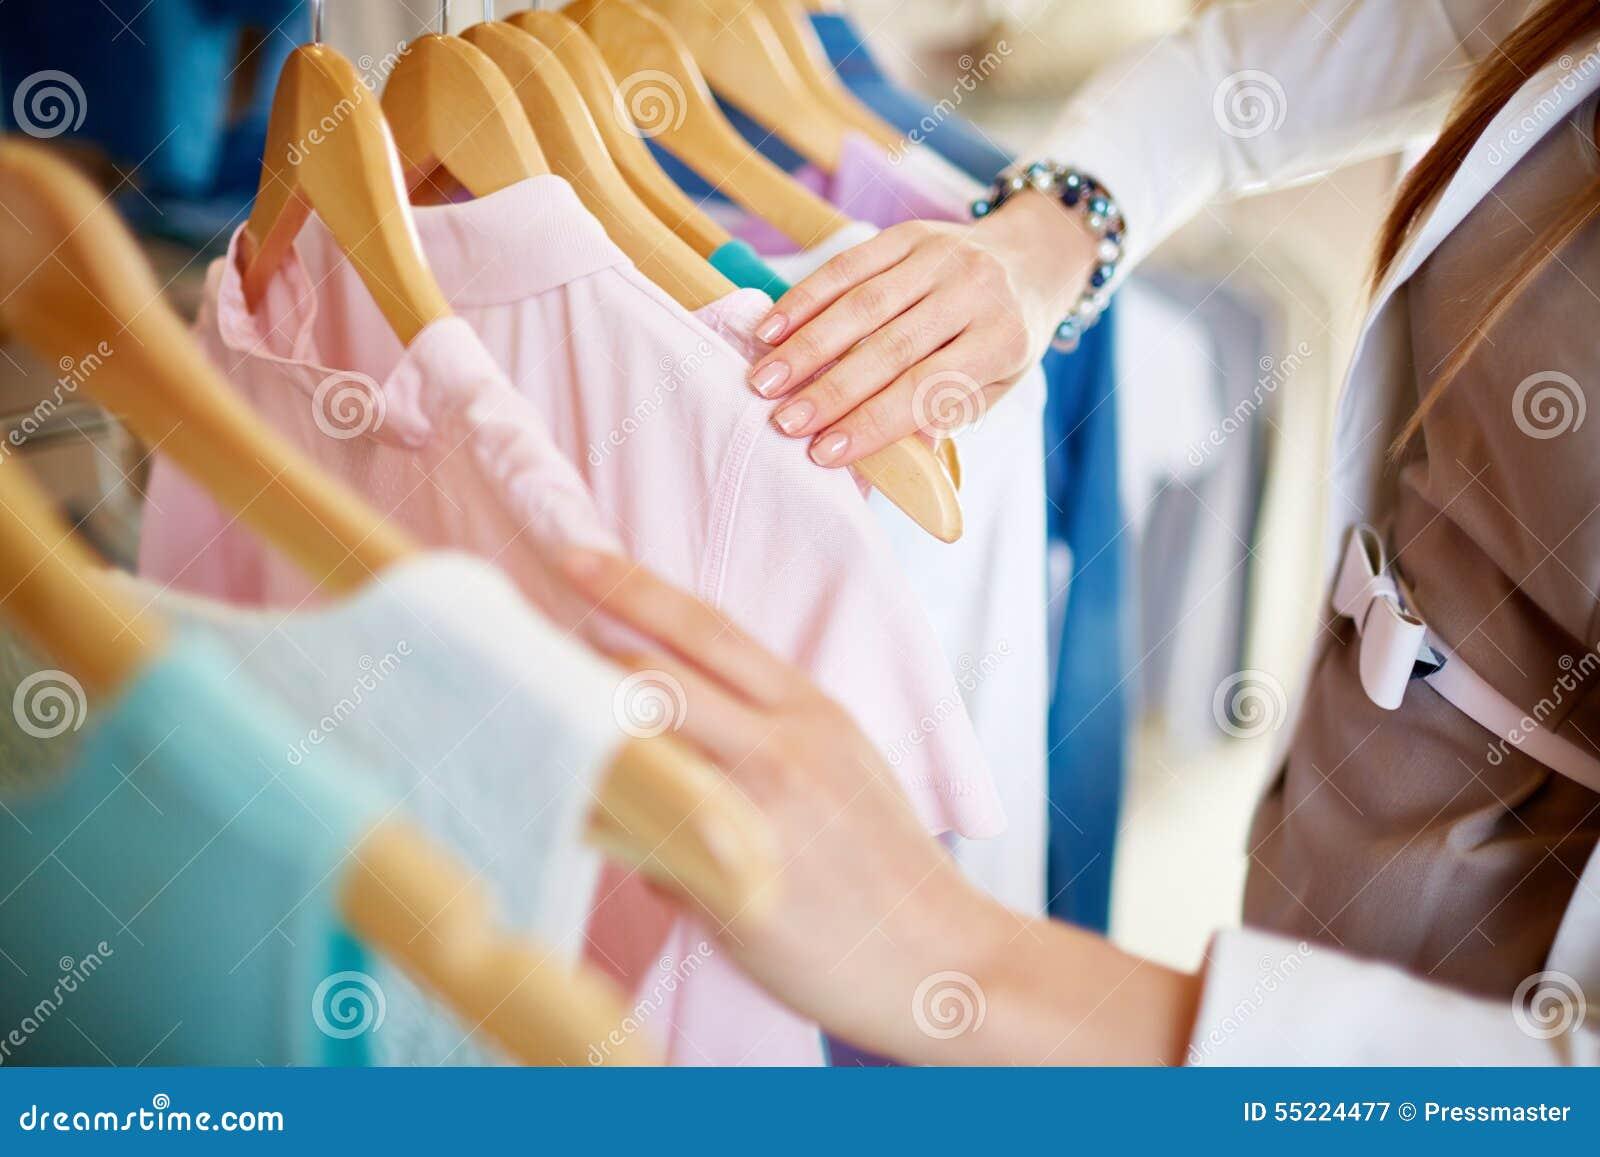 Nowe ubrania